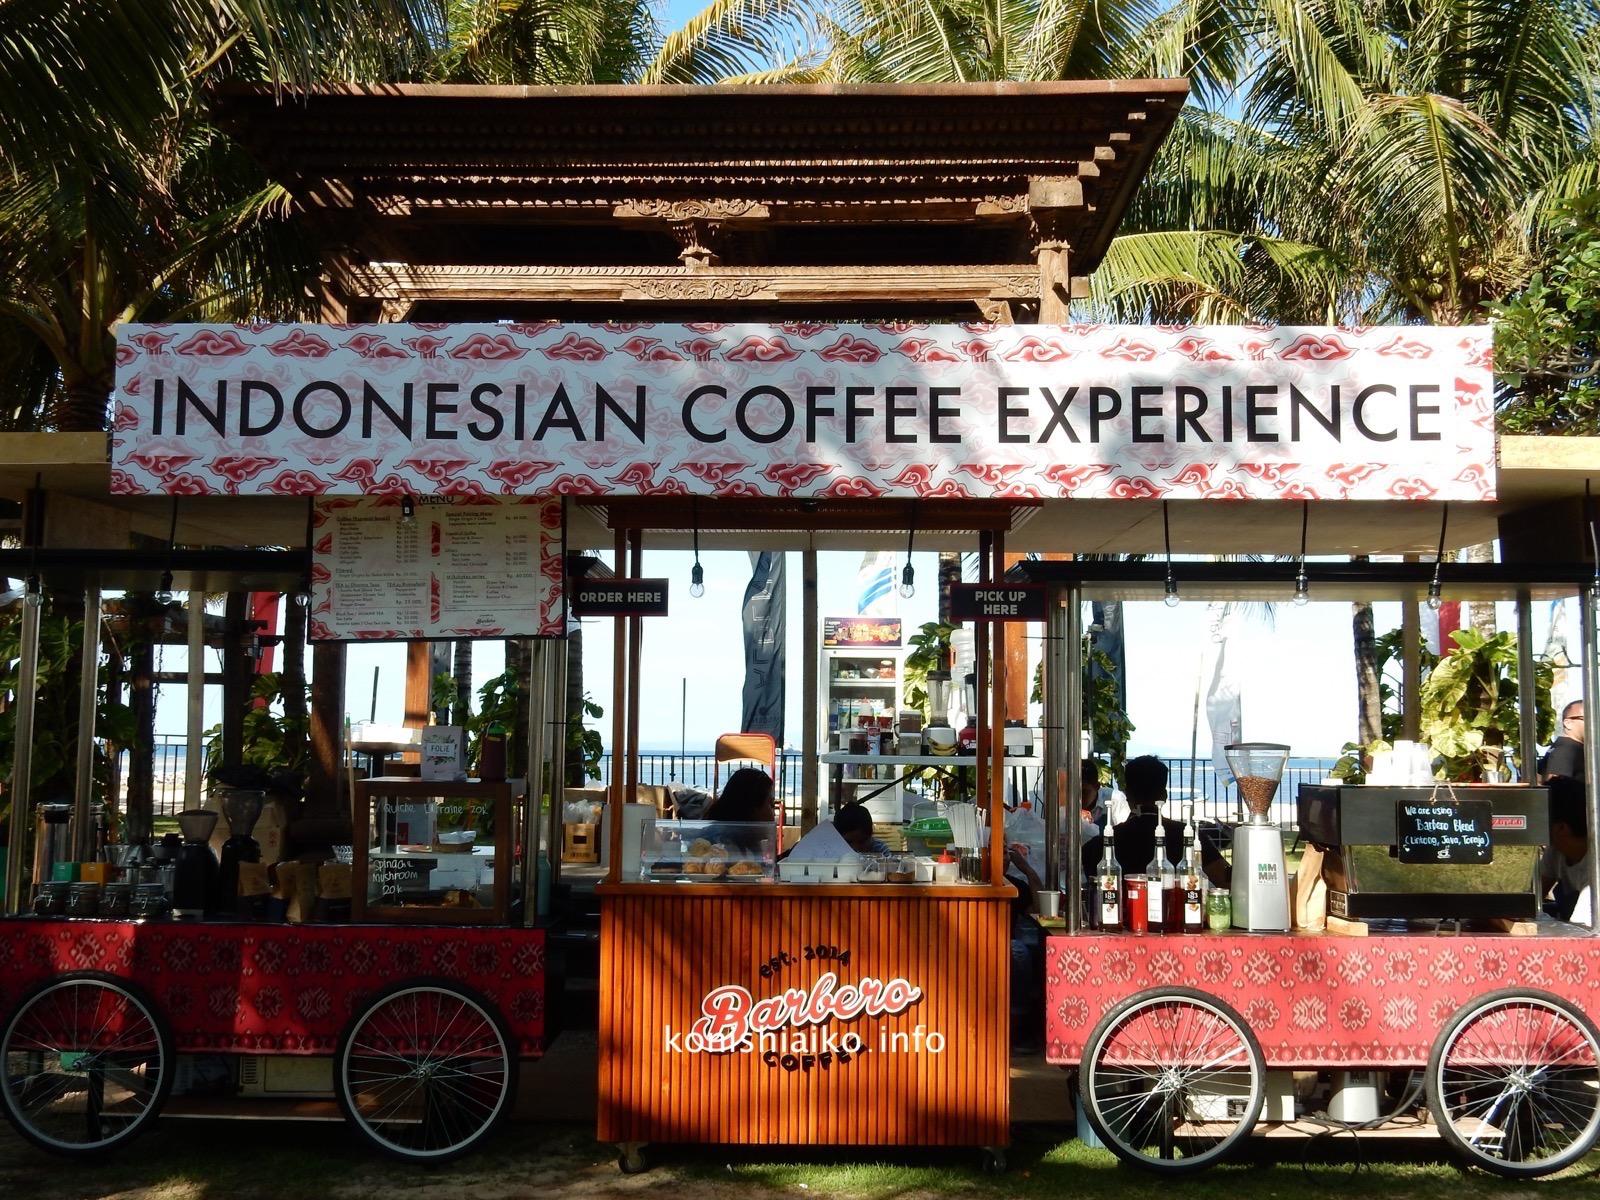 インドネシア産のコーヒーが飲めるカフェ